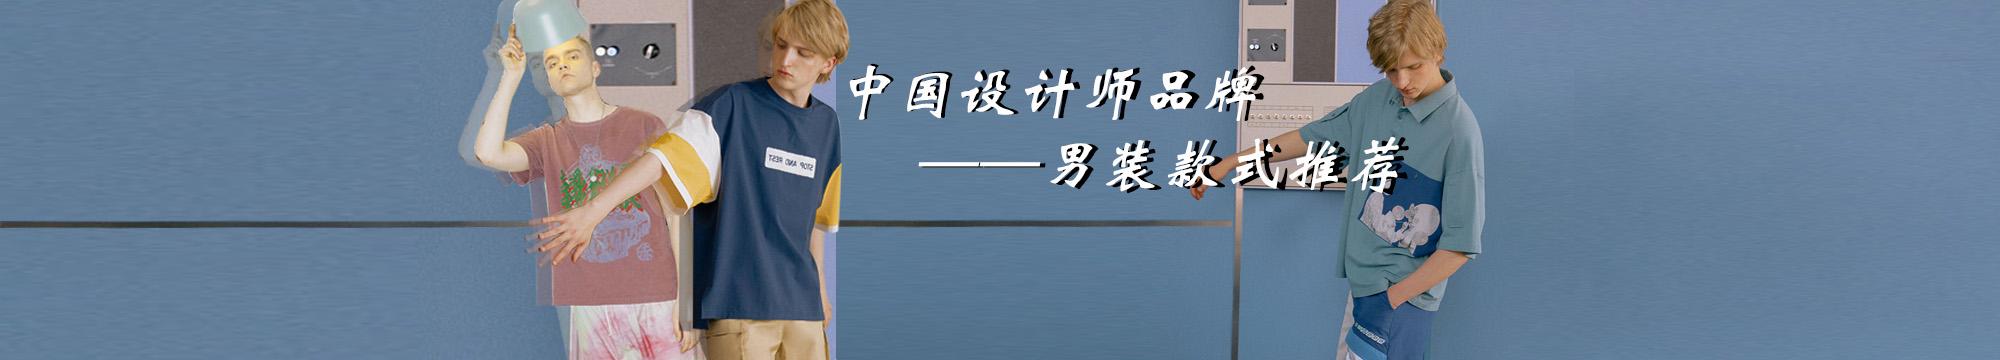 中國設計師品牌-男裝款式推薦